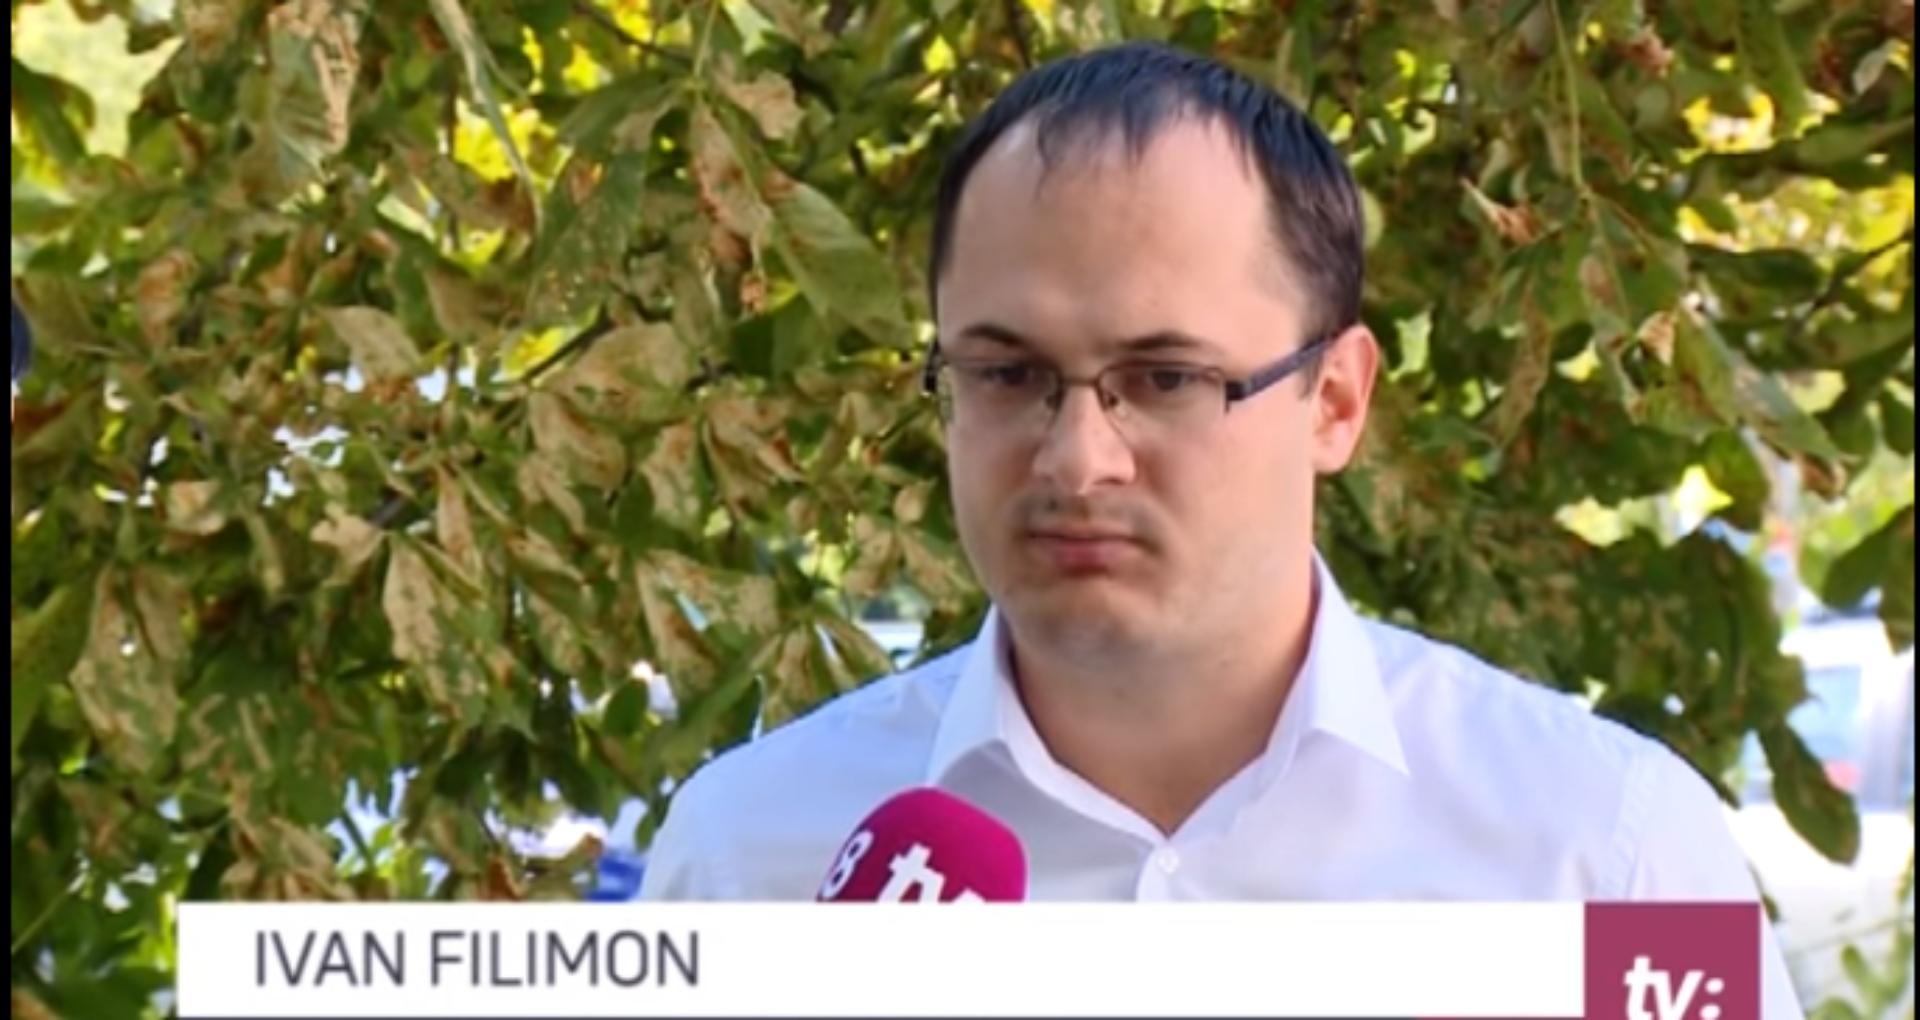 Procurorul care a gestionat dosarul lui Andrei Braguța, eliberat din funcție. Cum a reacționat acesta?